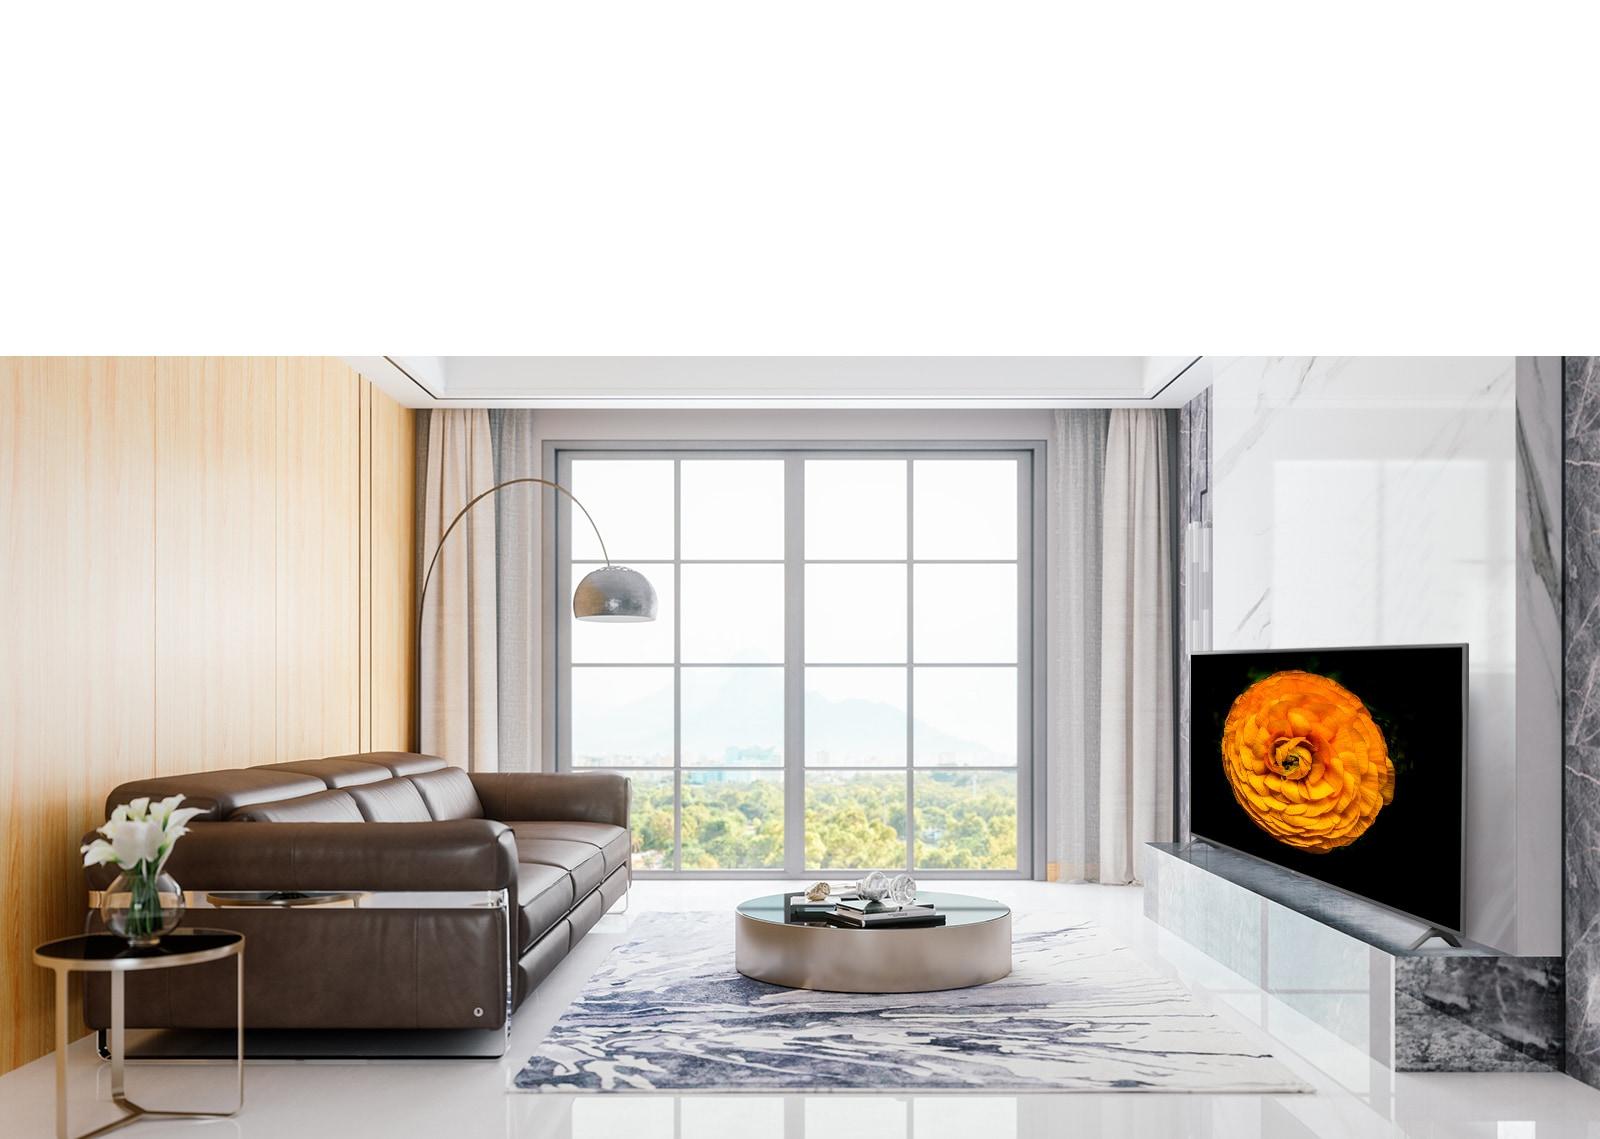 LG 49UN71006LB LG UHD TV, minimal iç mekana sahip bir oturma odasında duvarda yer almaktadır. Bir çiçek resmi TV ekranında gösterilir.